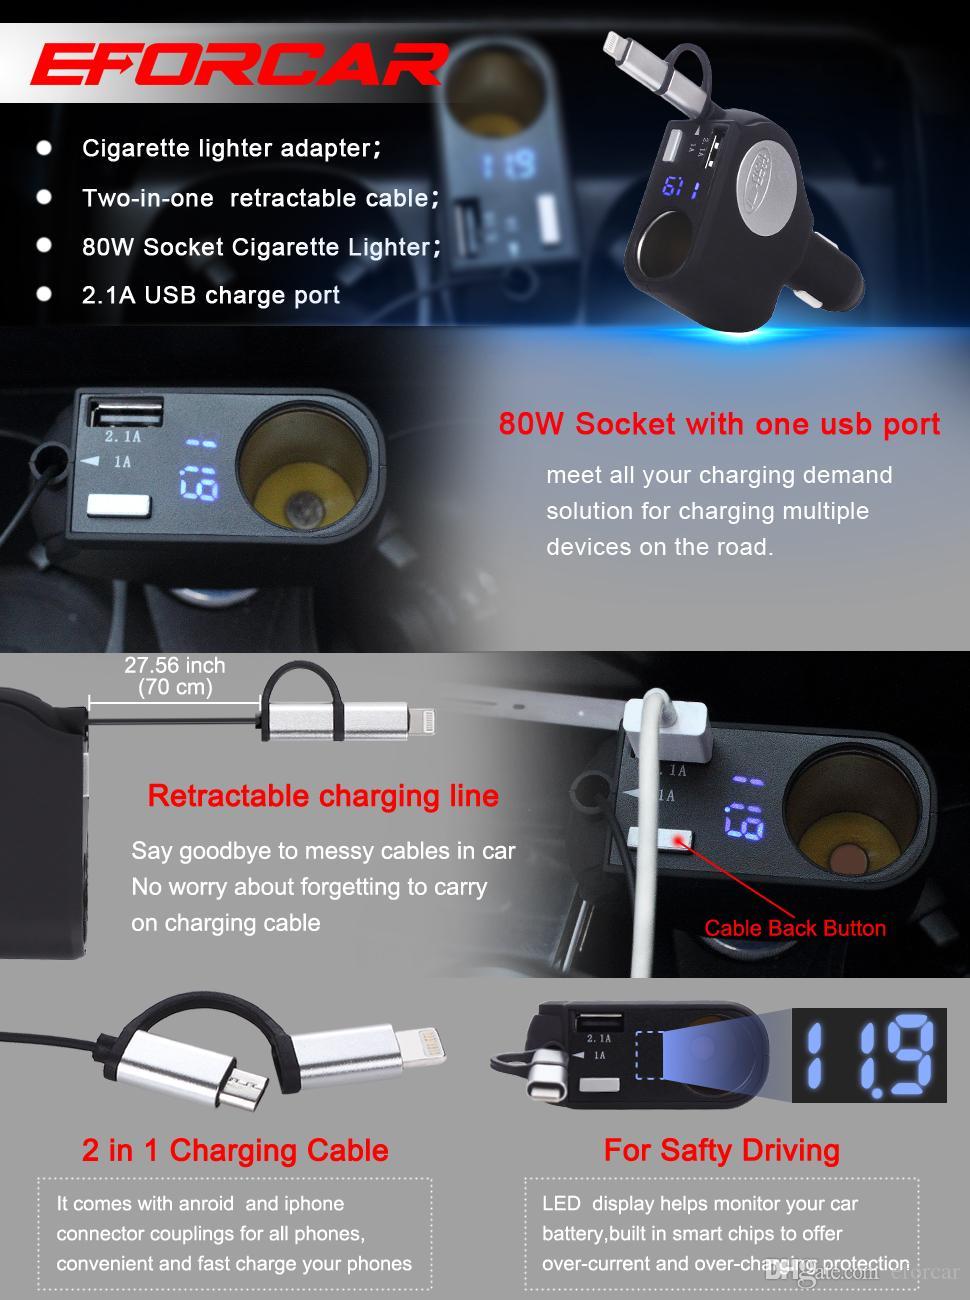 Cargador rápido retractable del coche de la nueva versión 2-In-1 Encendedor del cigarrillo del zócalo Adaptador elegante del poder del puerto USB 3.1-Amp para IPhone IPad GPS